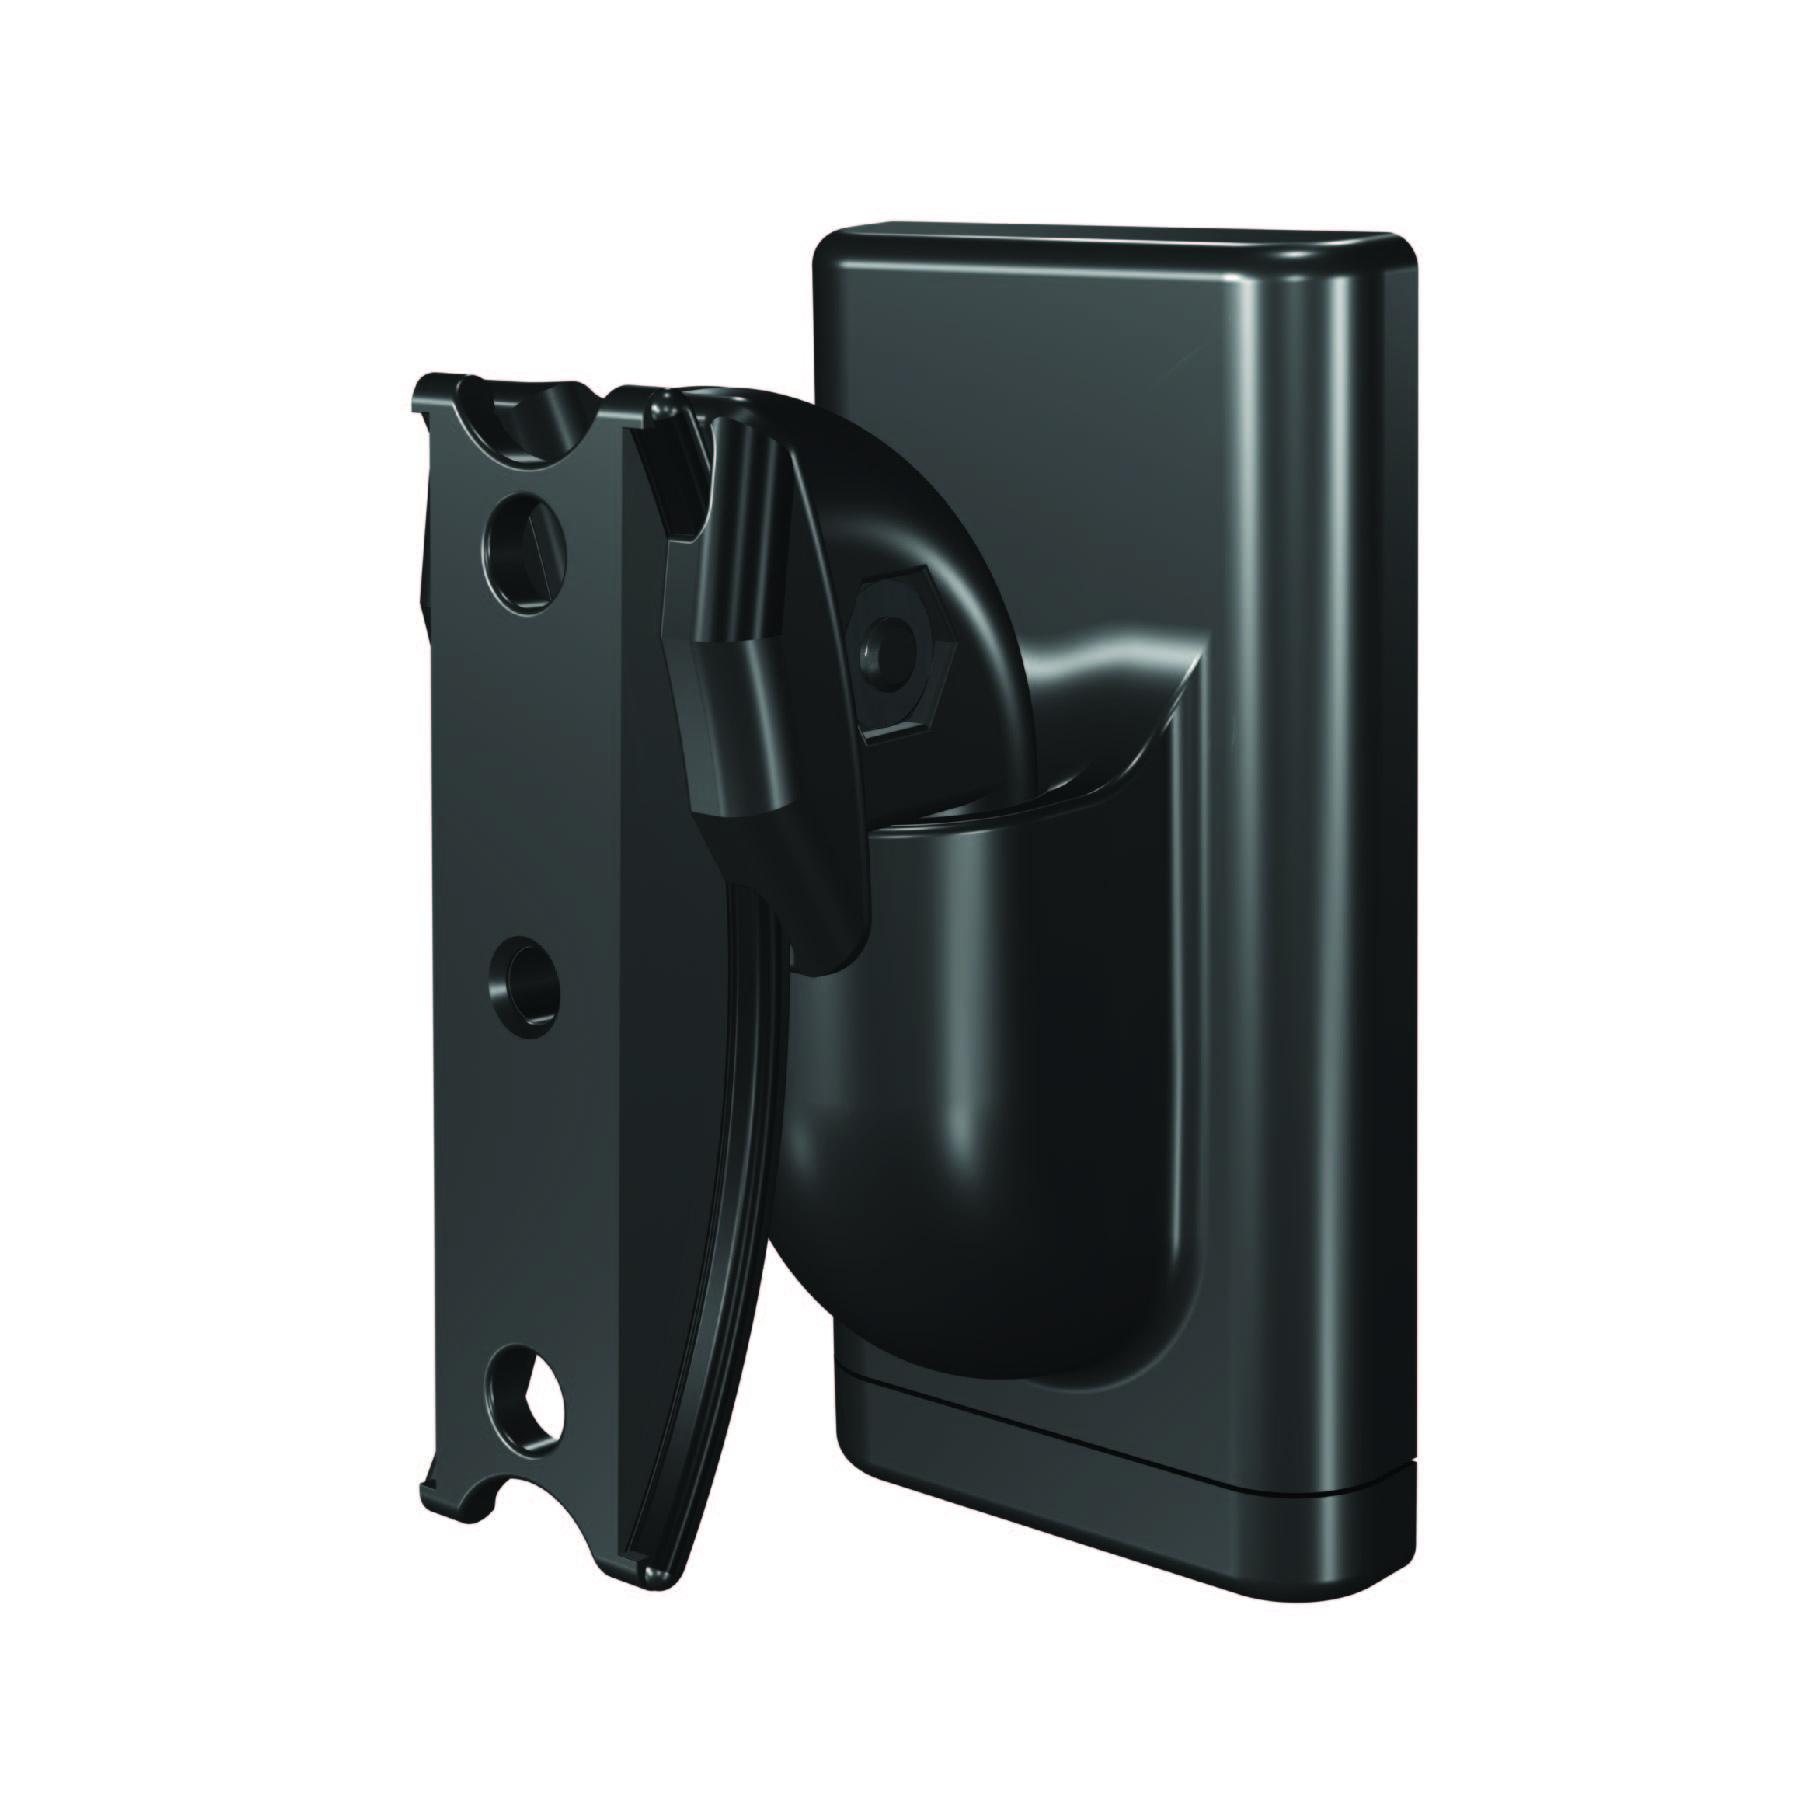 sanus adjustable speaker wall mount designed for sonos - Sanus Full Motion Tv Wandhalterung